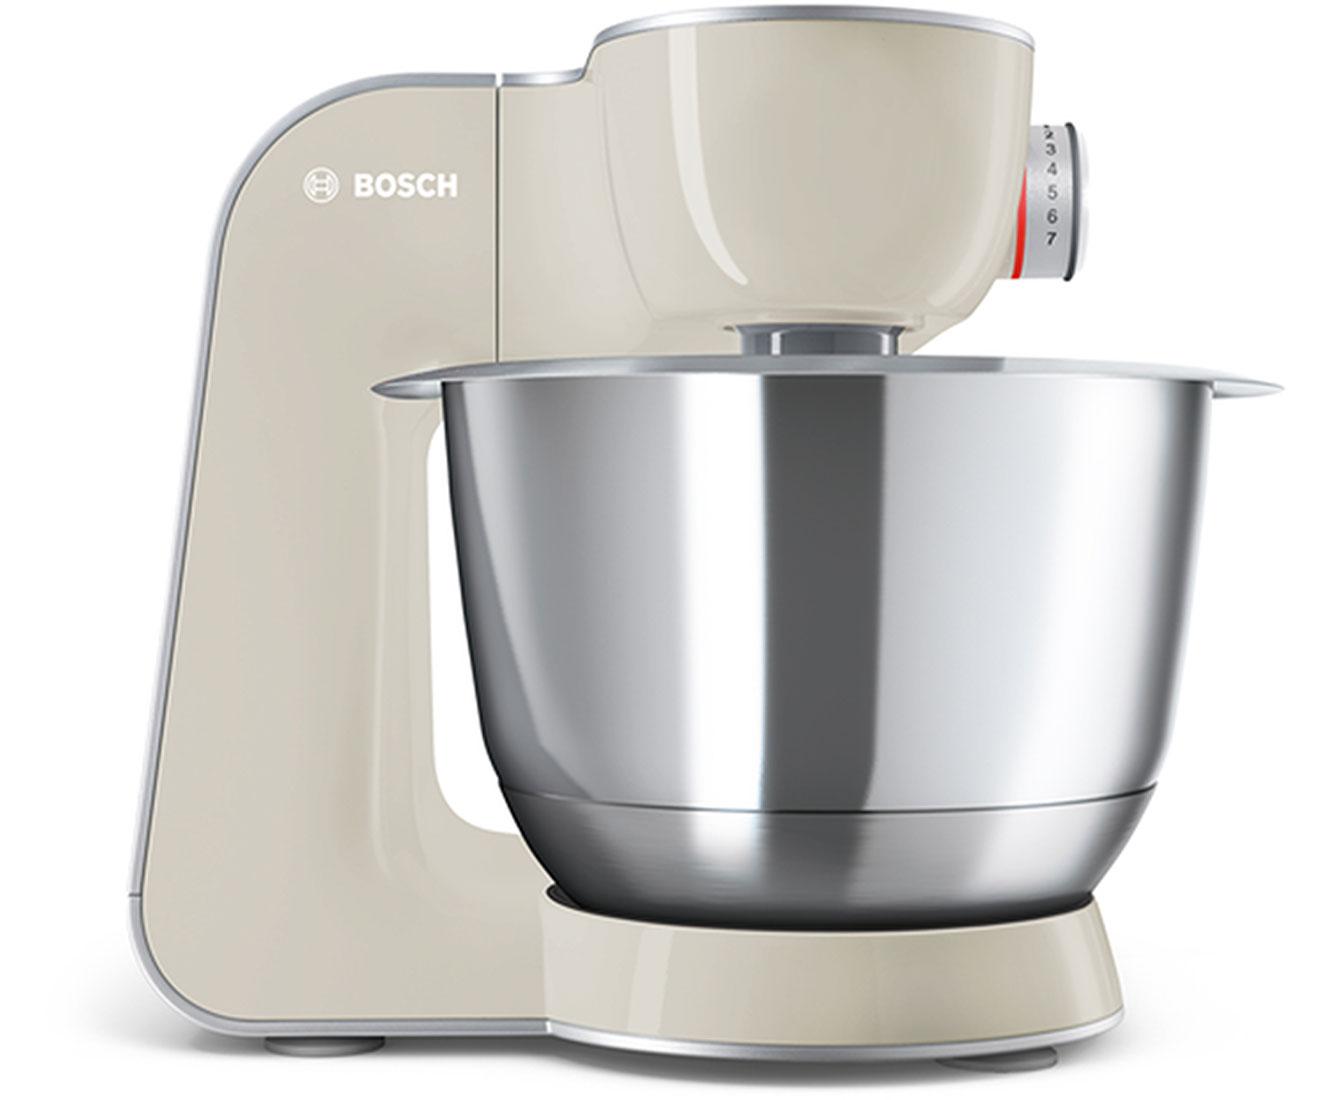 Kchenmaschine Bosch Preisvergleich  Die besten Angebote